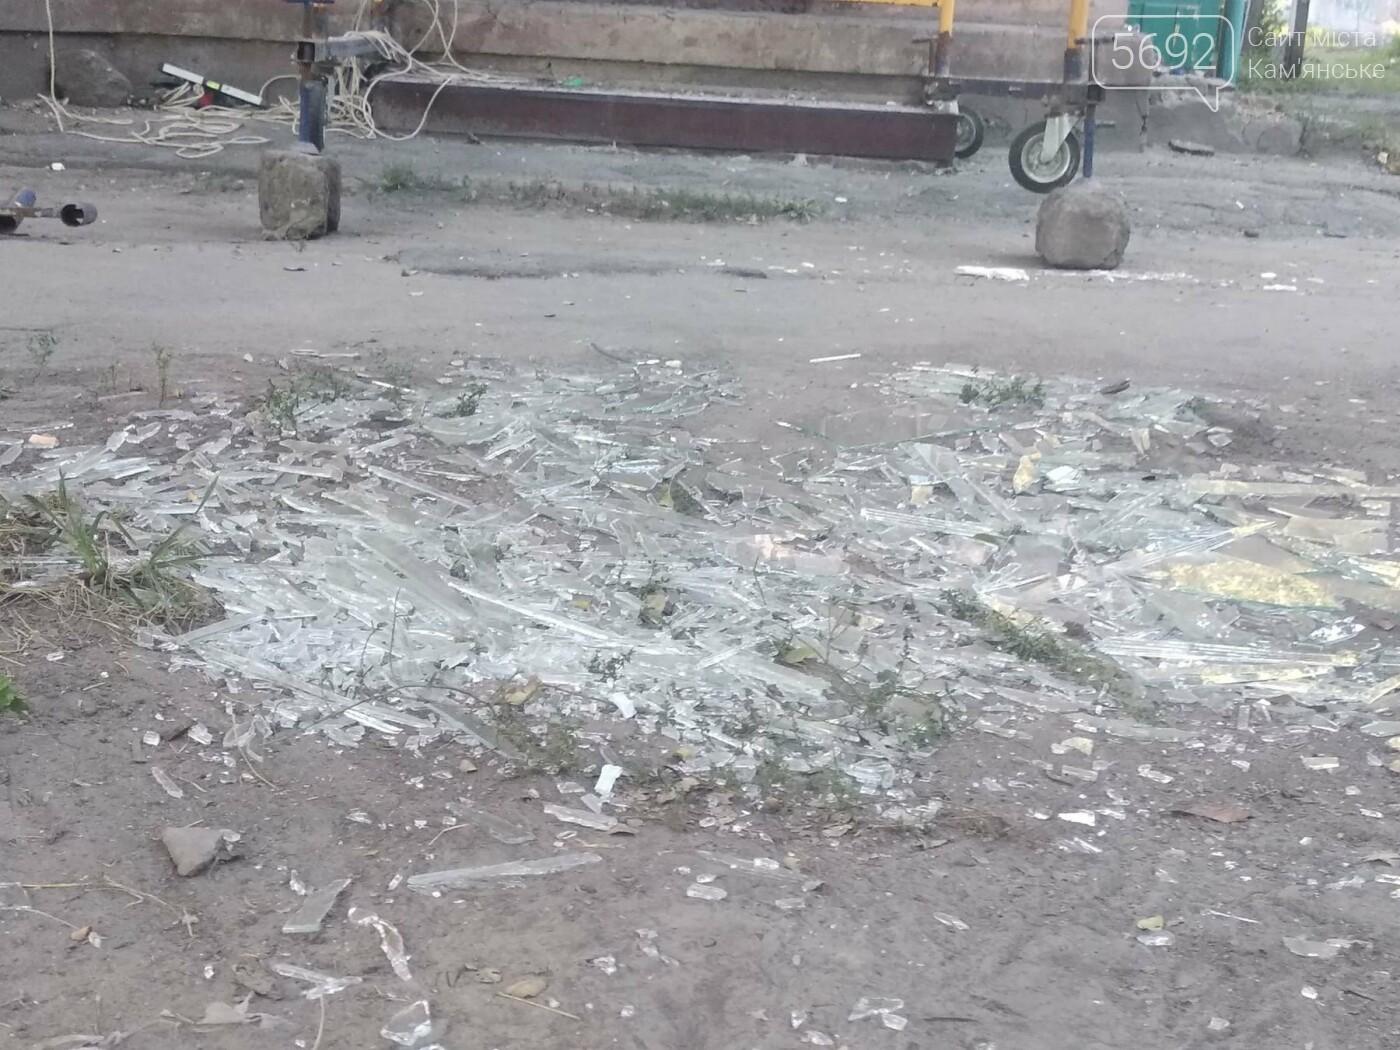 Подробности взрыва в квартире в центре Каменского, фото-5